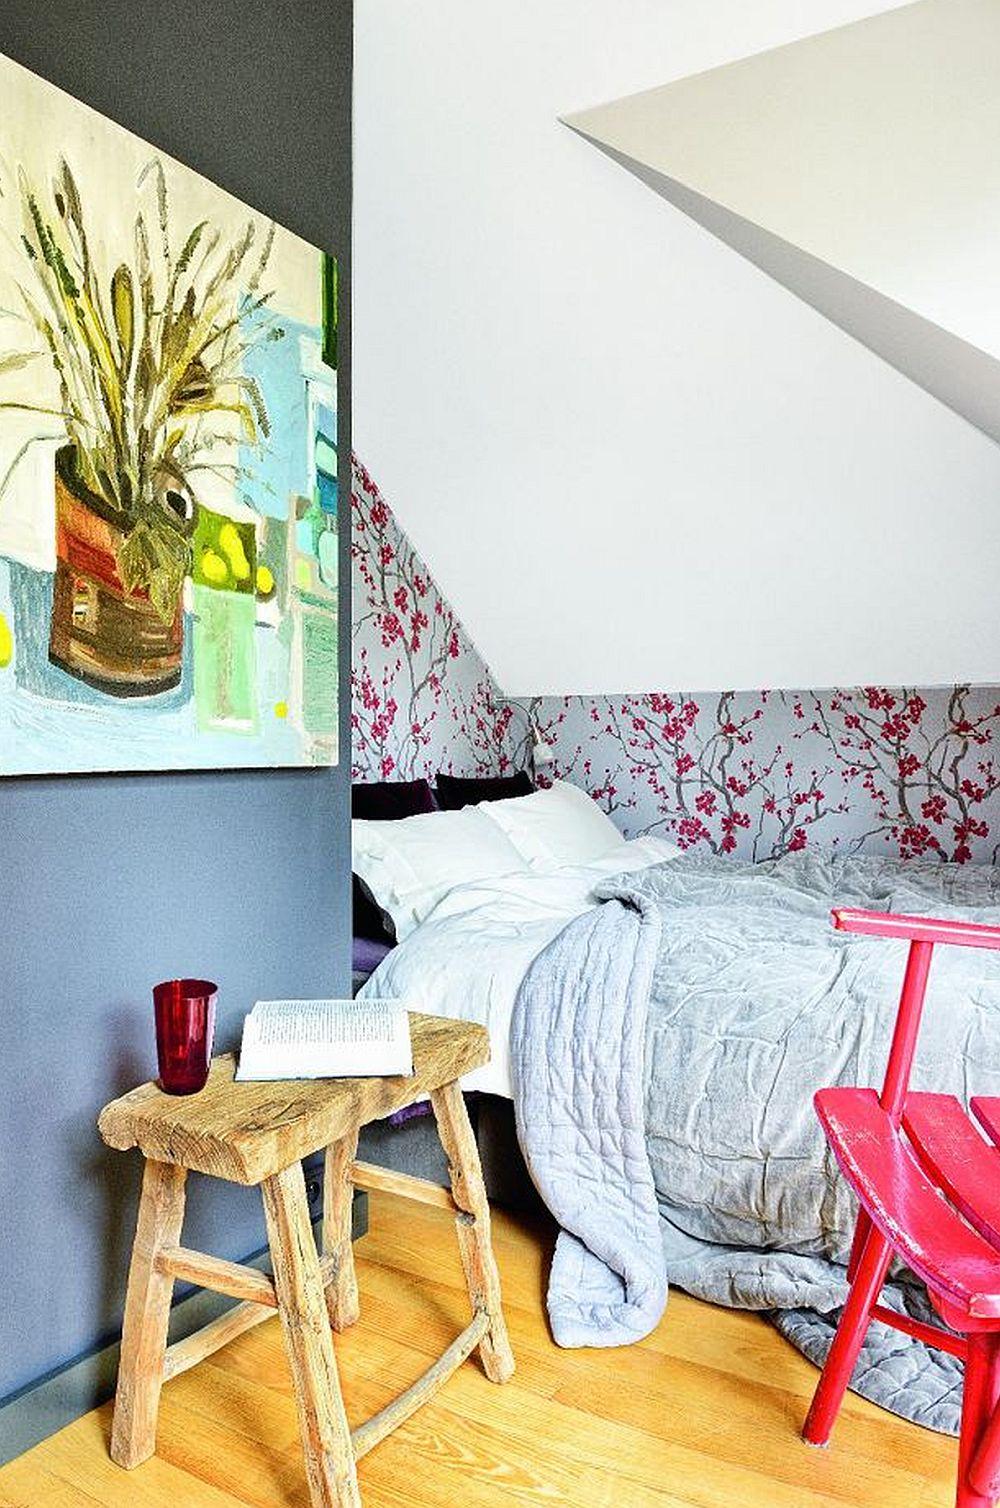 Dormitorul este mobilat cu strcitul necesar, iar pentru pat s-a făcut un compromis, respectiv el poate fi accesat doar pe o singură latură. Spațiul este mic, dar folosit la maximum, de partea opusă a patului fiind un dulap.